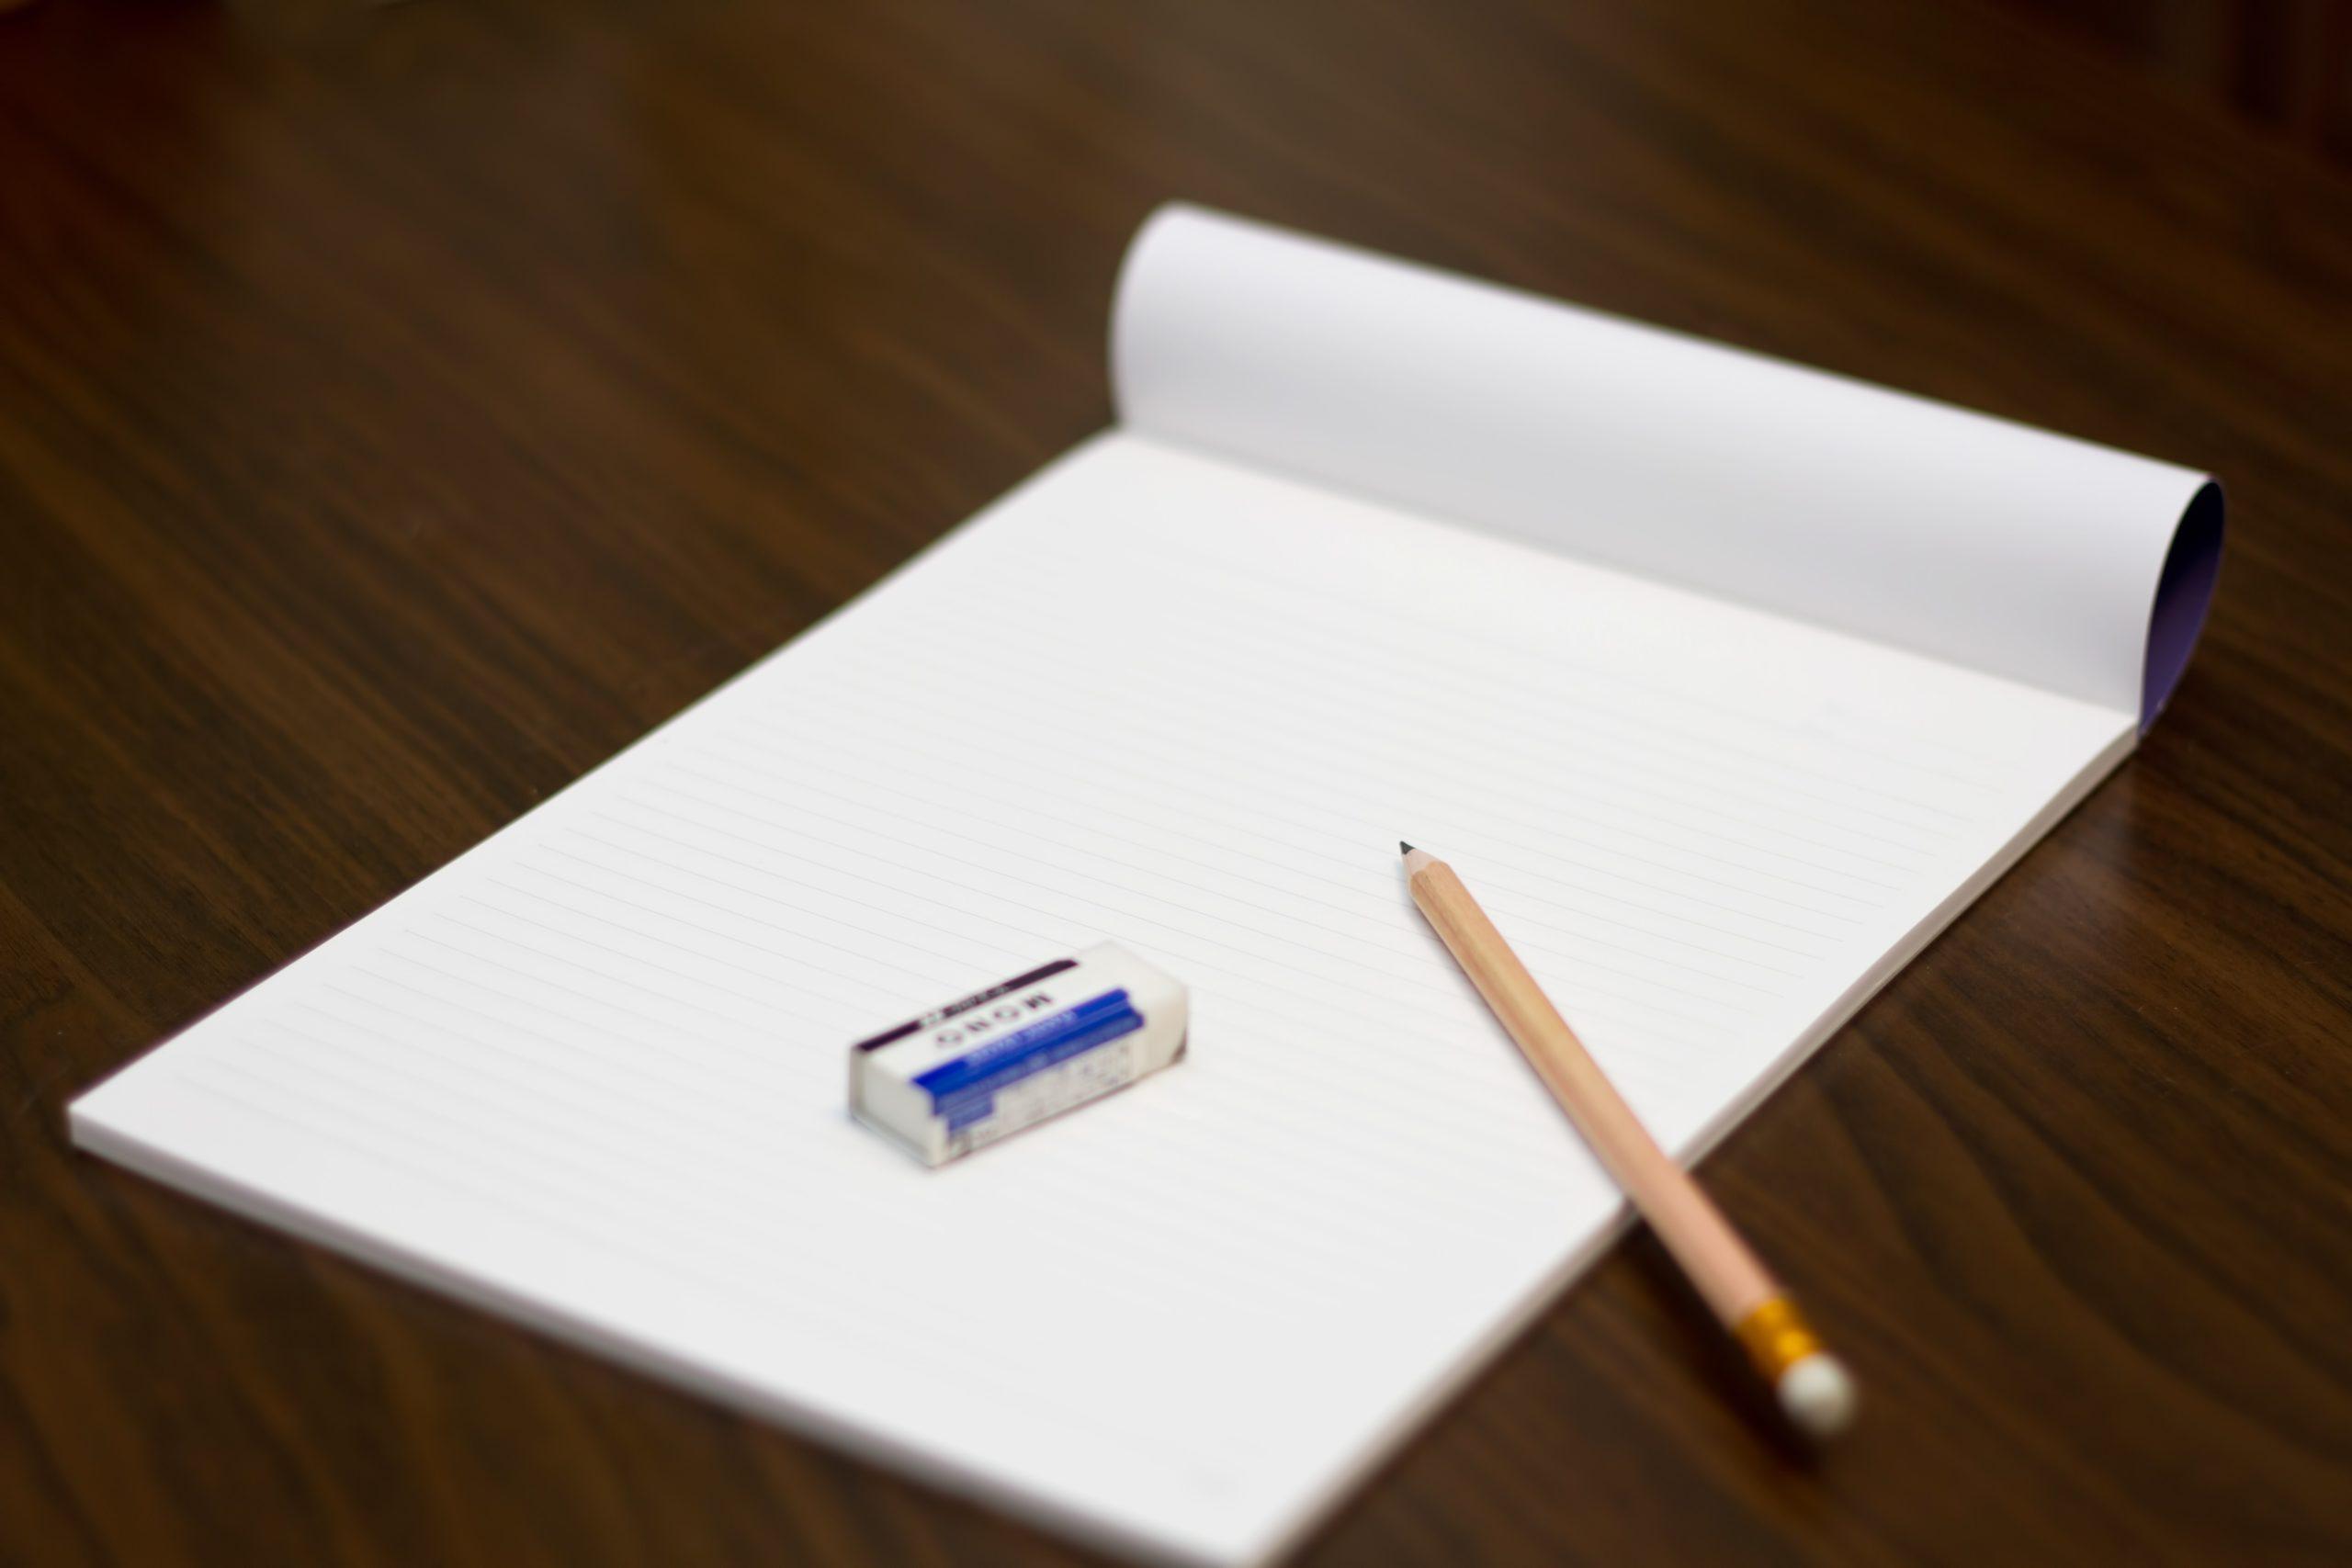 オンライン会議・WEB会議・テレビ会議のフランチャイズ・代理店募集一覧